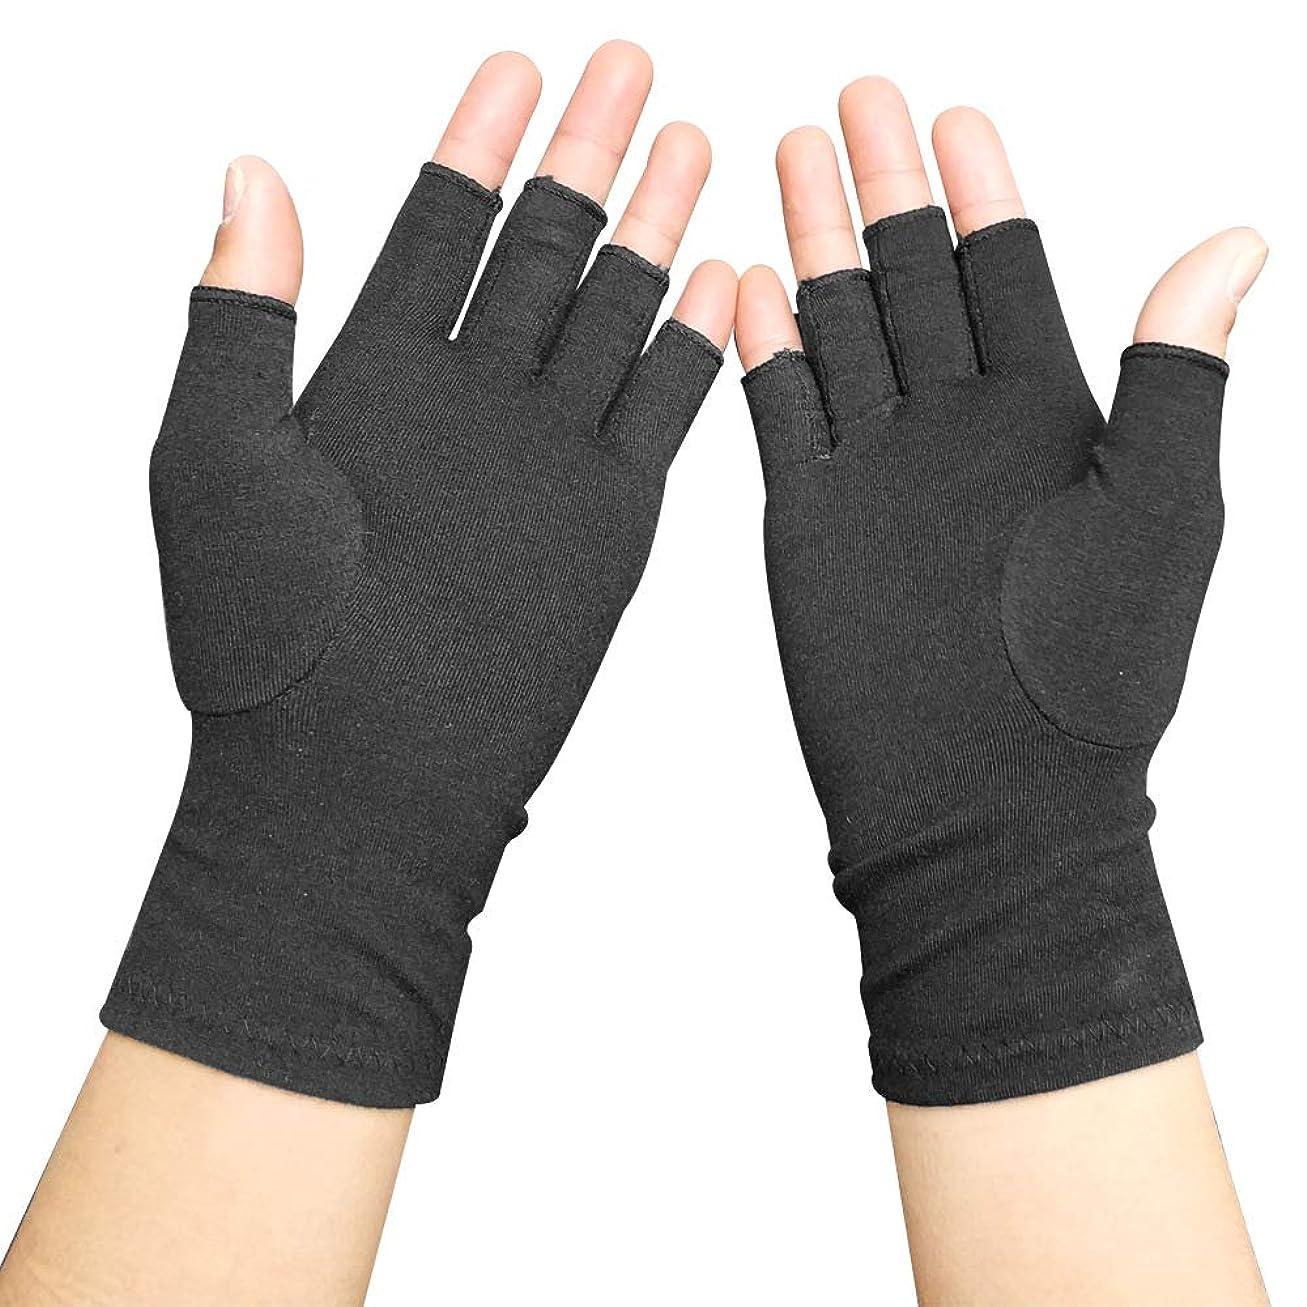 与える主にこどもの宮殿圧縮手袋関節炎の手袋は日常業務のためのリウマチRSI手根管からの痛みを和らげる,S